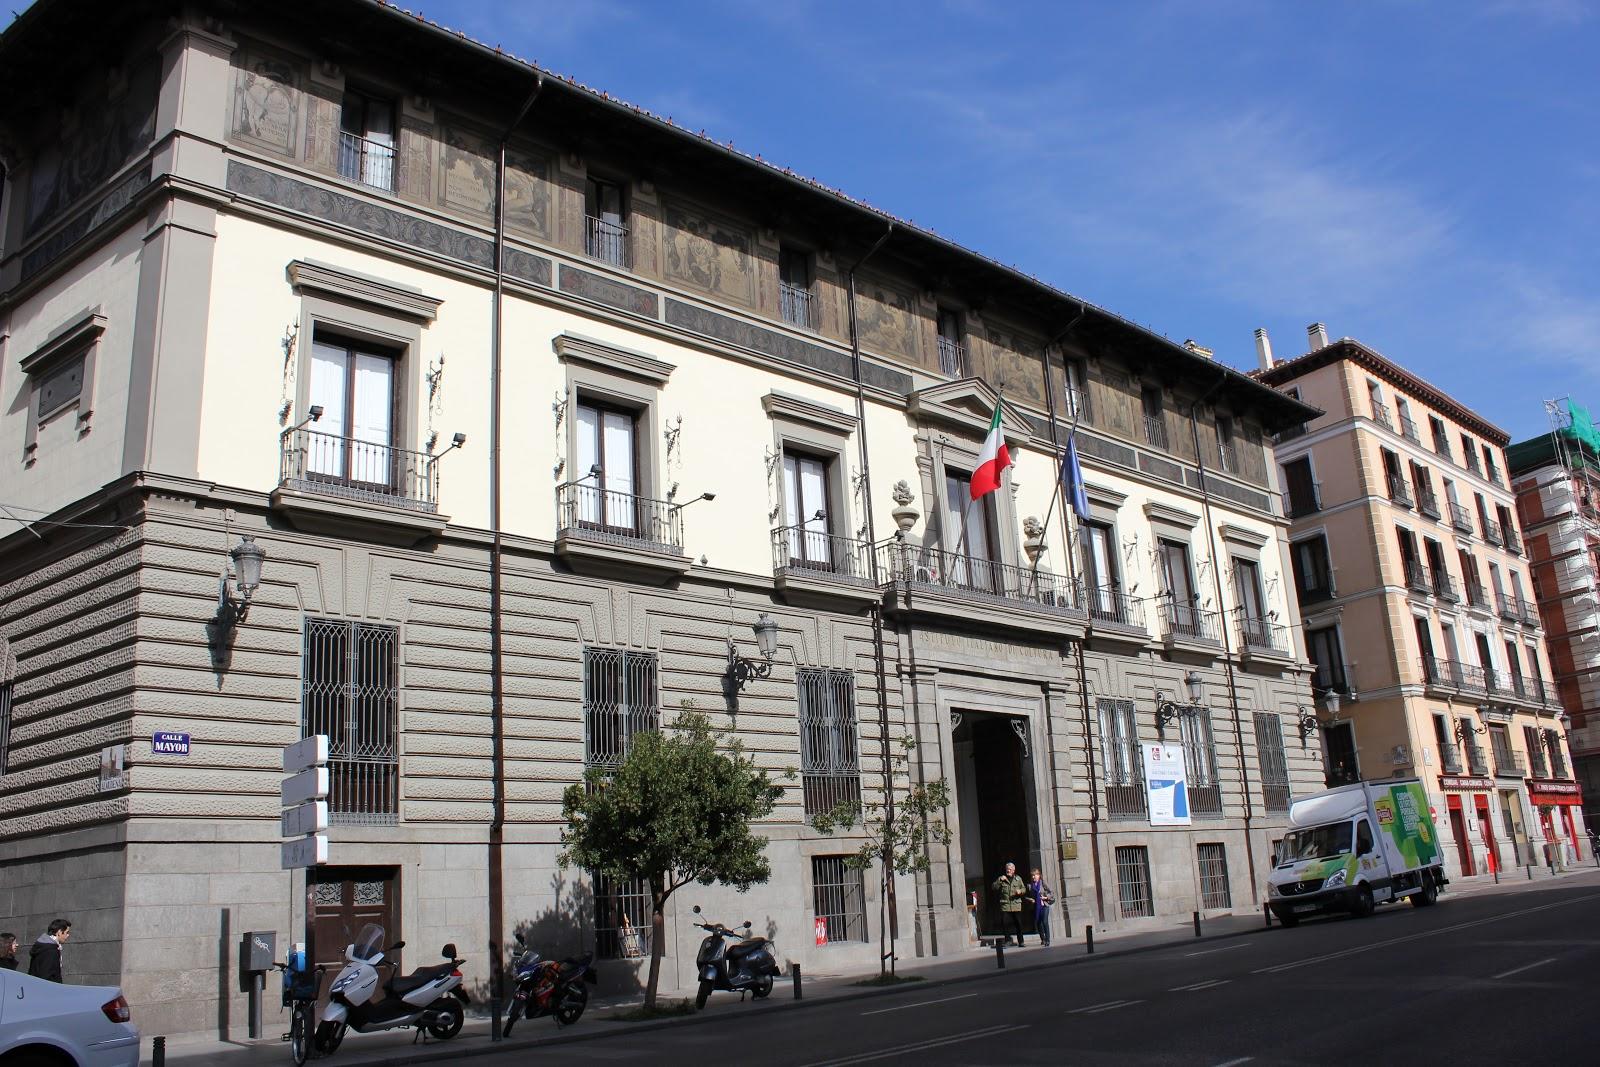 Maravillas ocultas de espa a madrid para madrile os y for Instituto italiano de cultura madrid